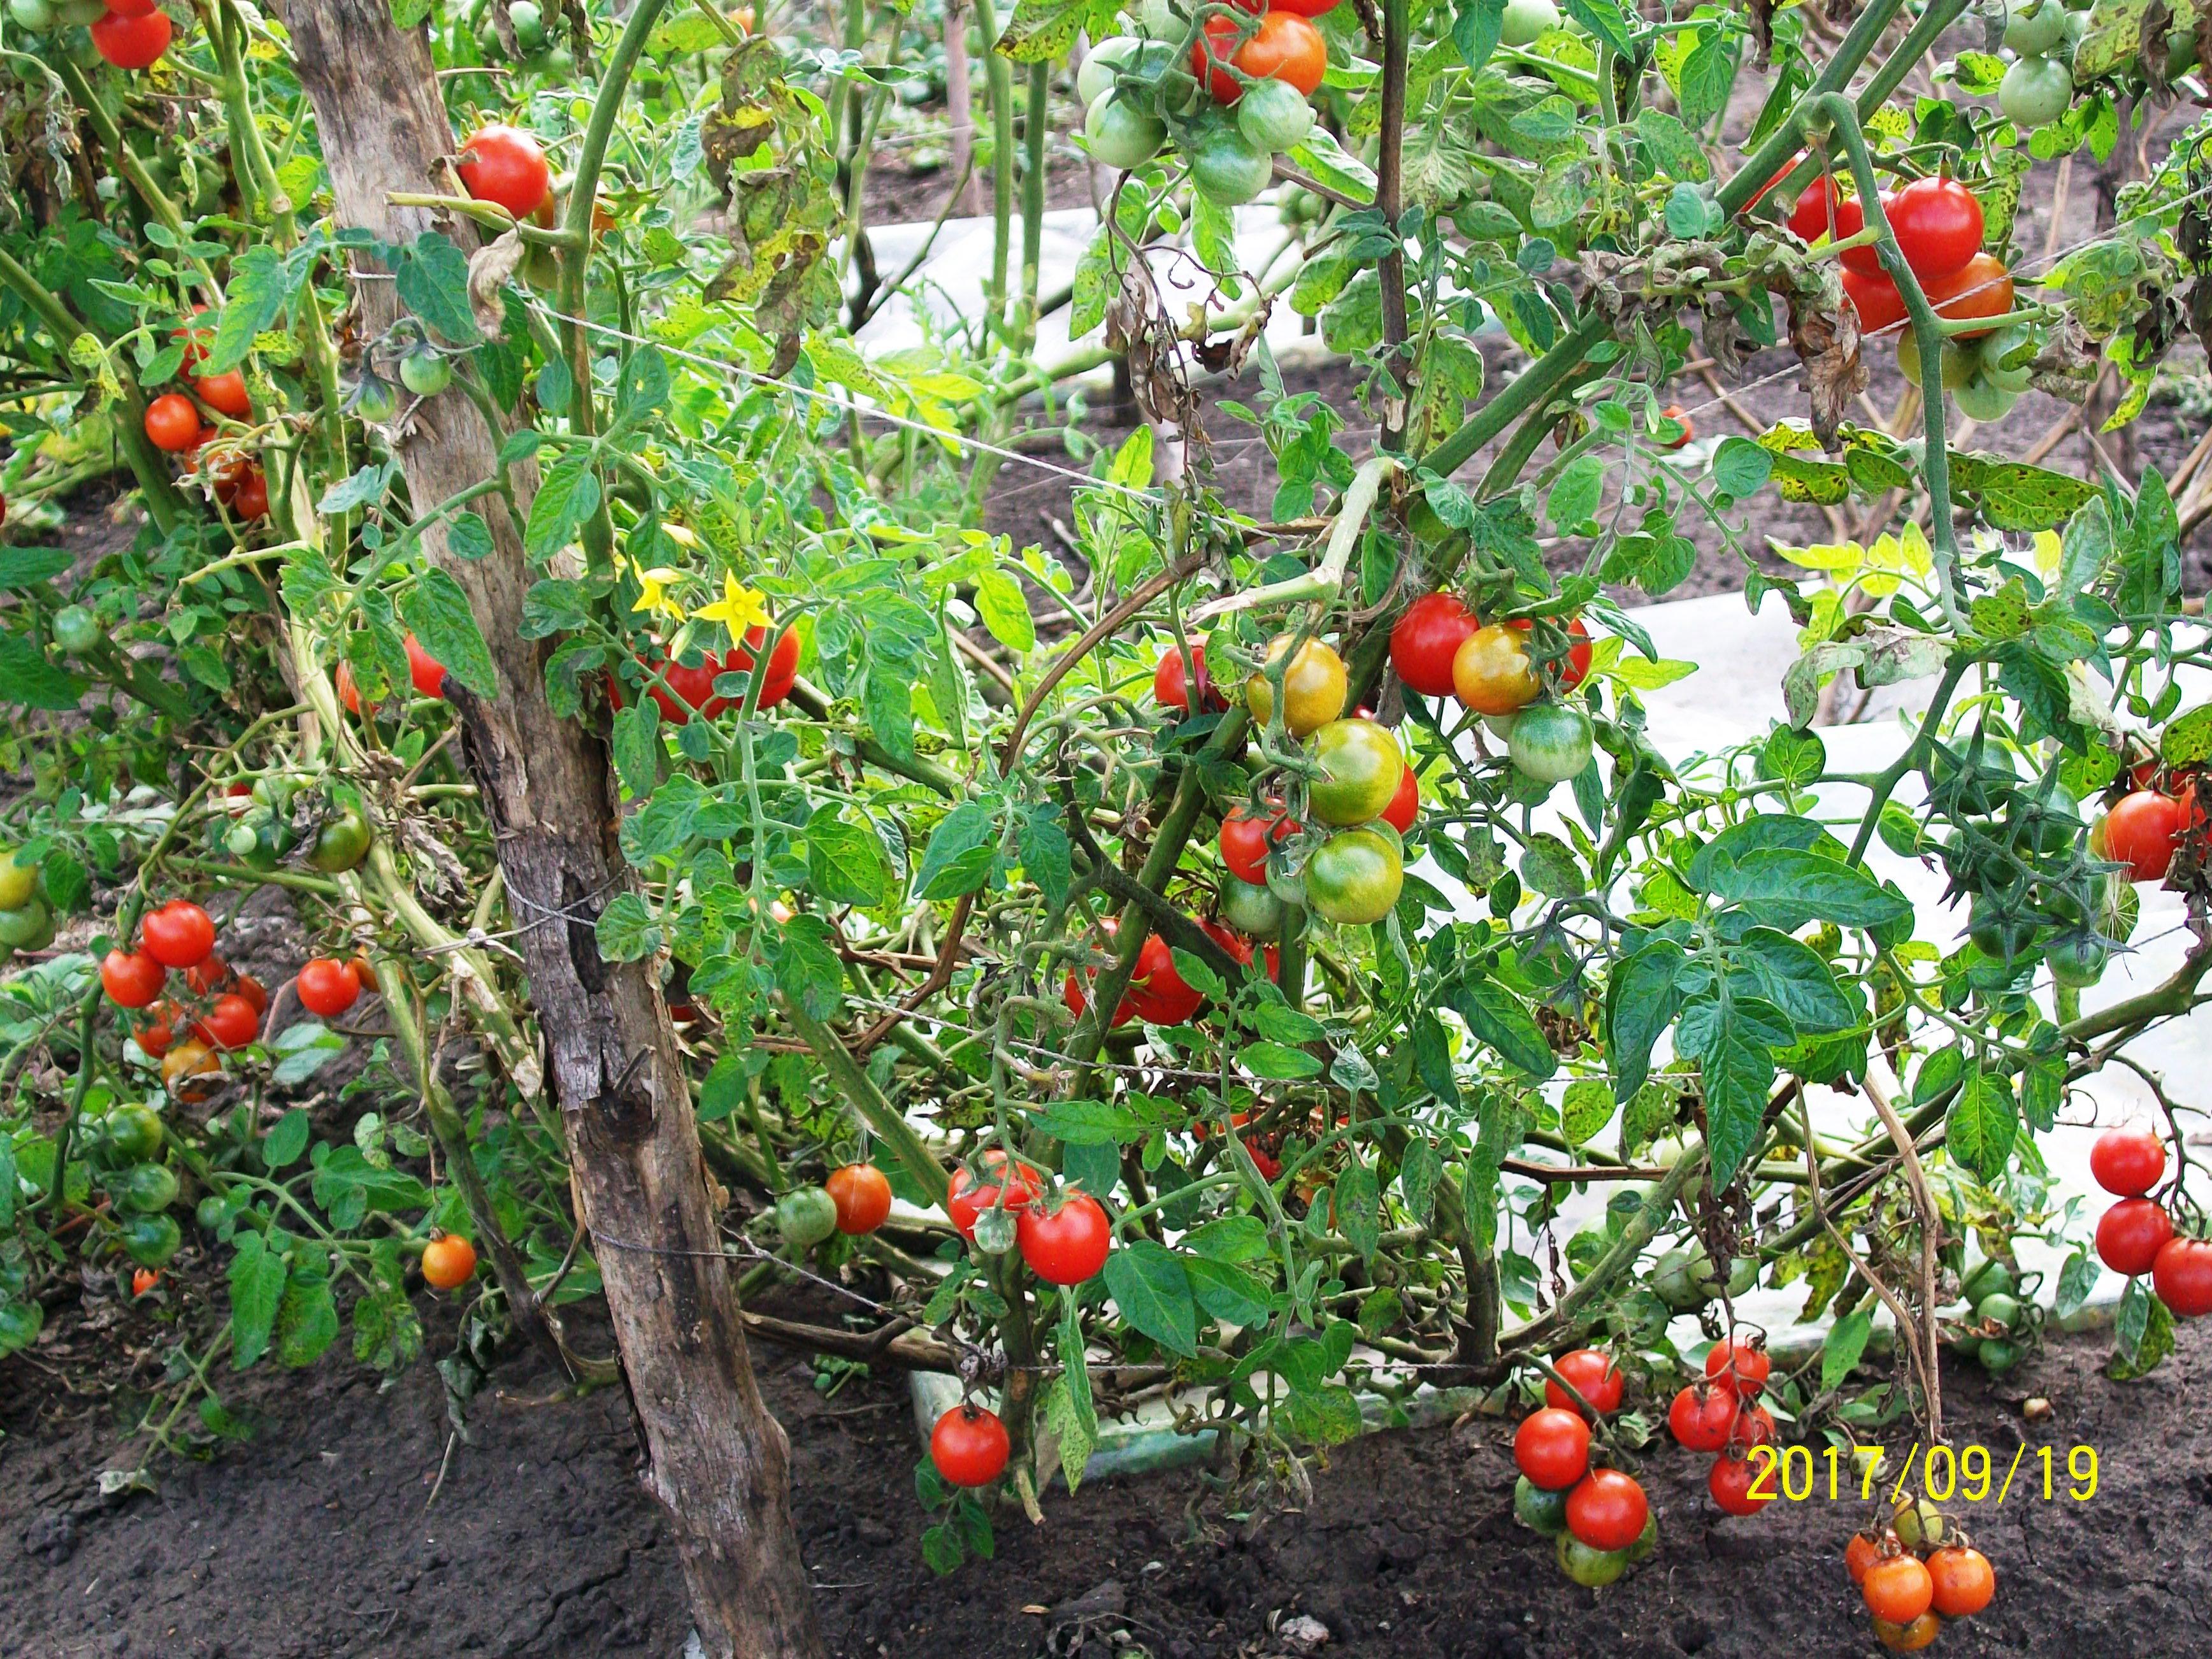 Томаты Черри обильно плодоносят с середины лета до третьей декады сентября, больных пл.одов нет. Уфа